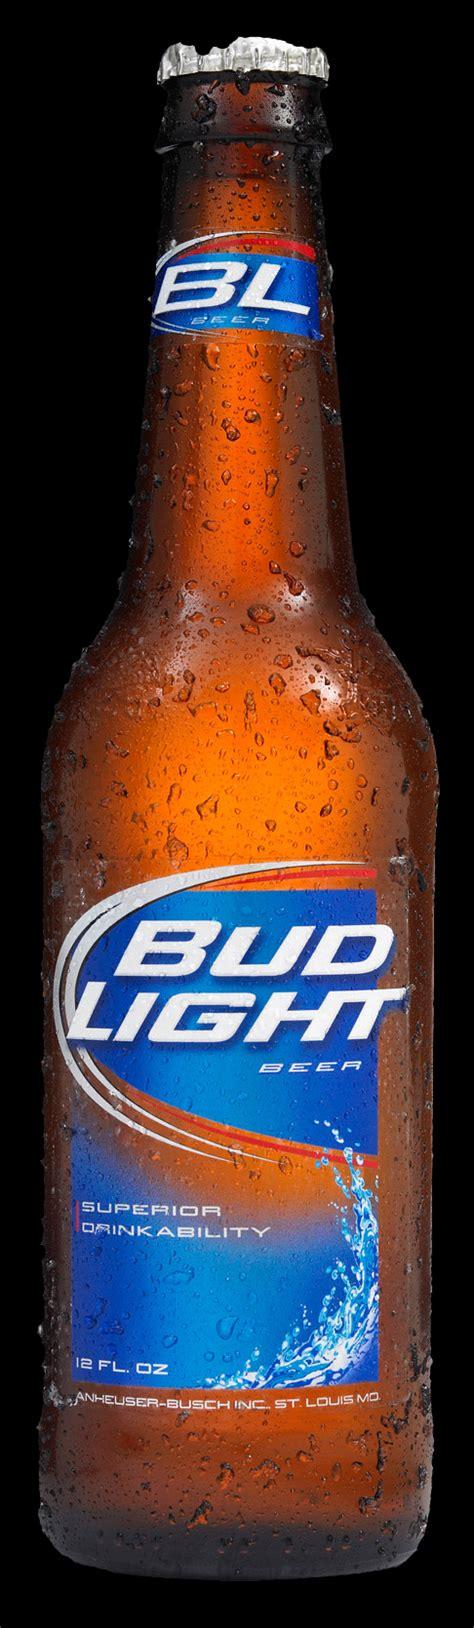 bud light beer bottle beers mister trs